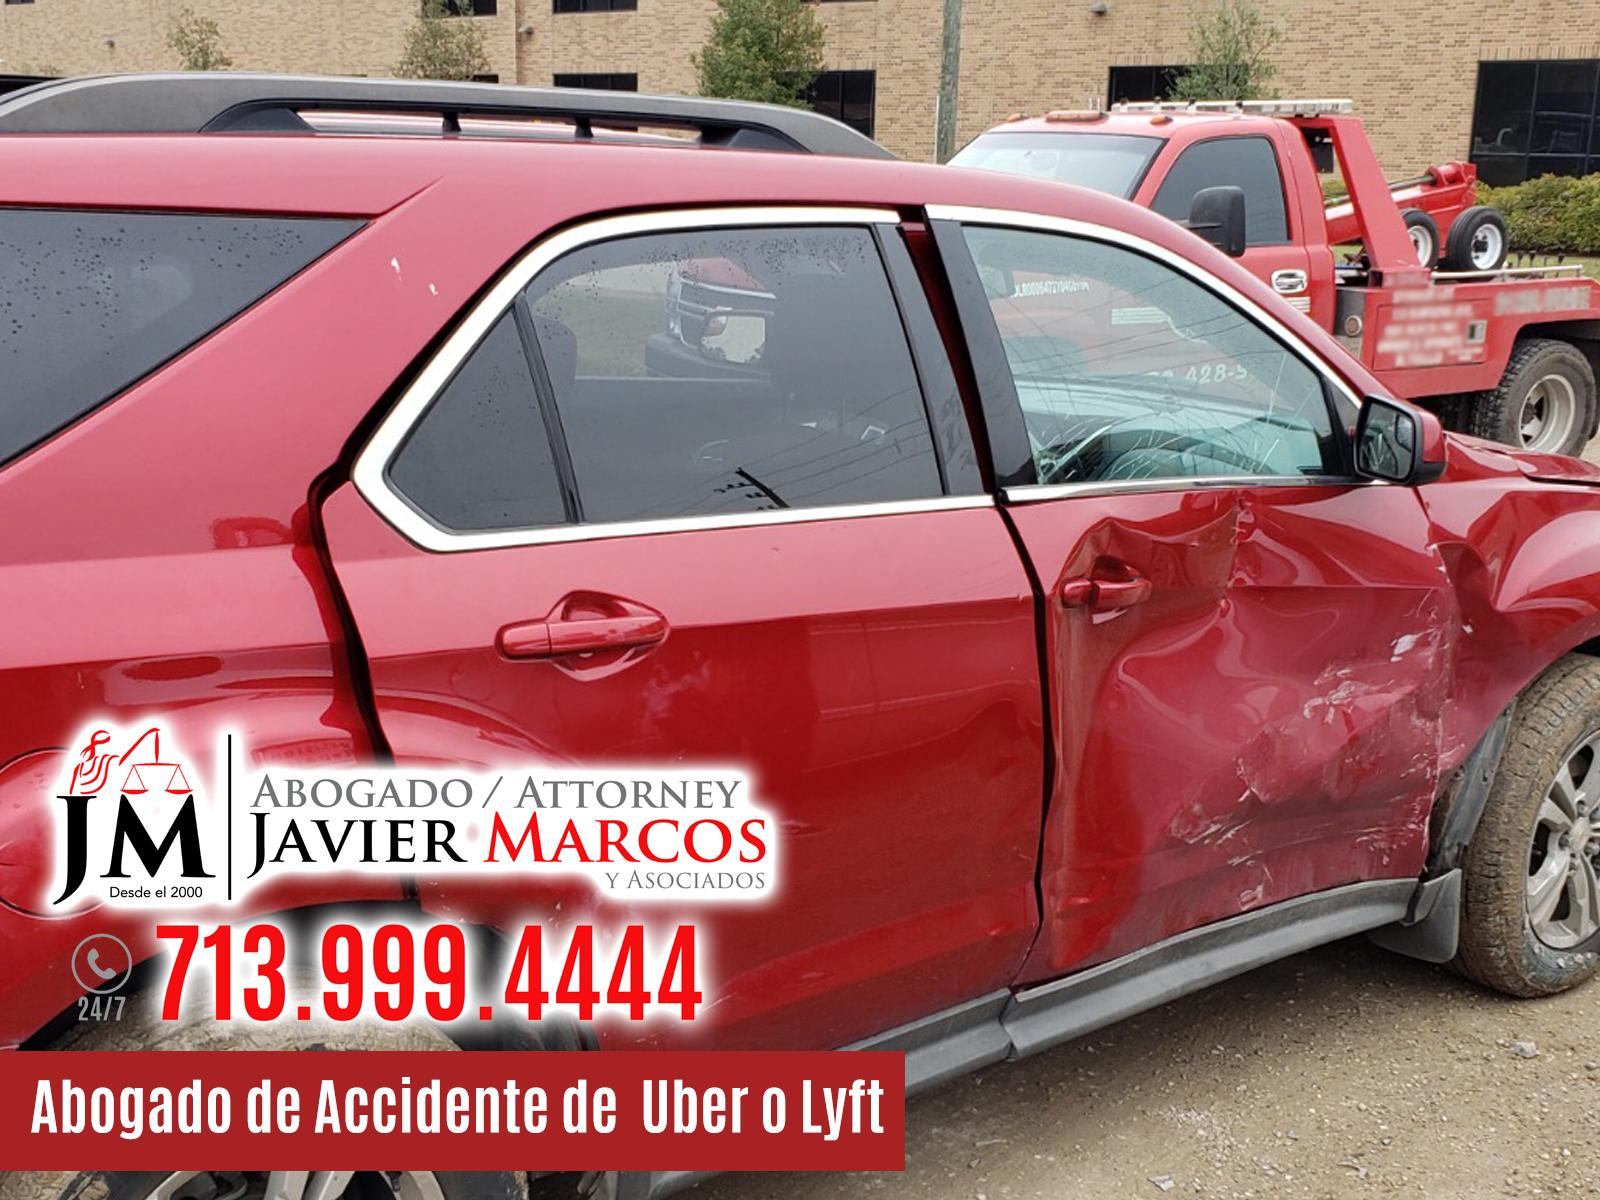 Abogado de Accidente de Uber o Lyft en Houston | Abogado Javier Marcos | 713.999.4444